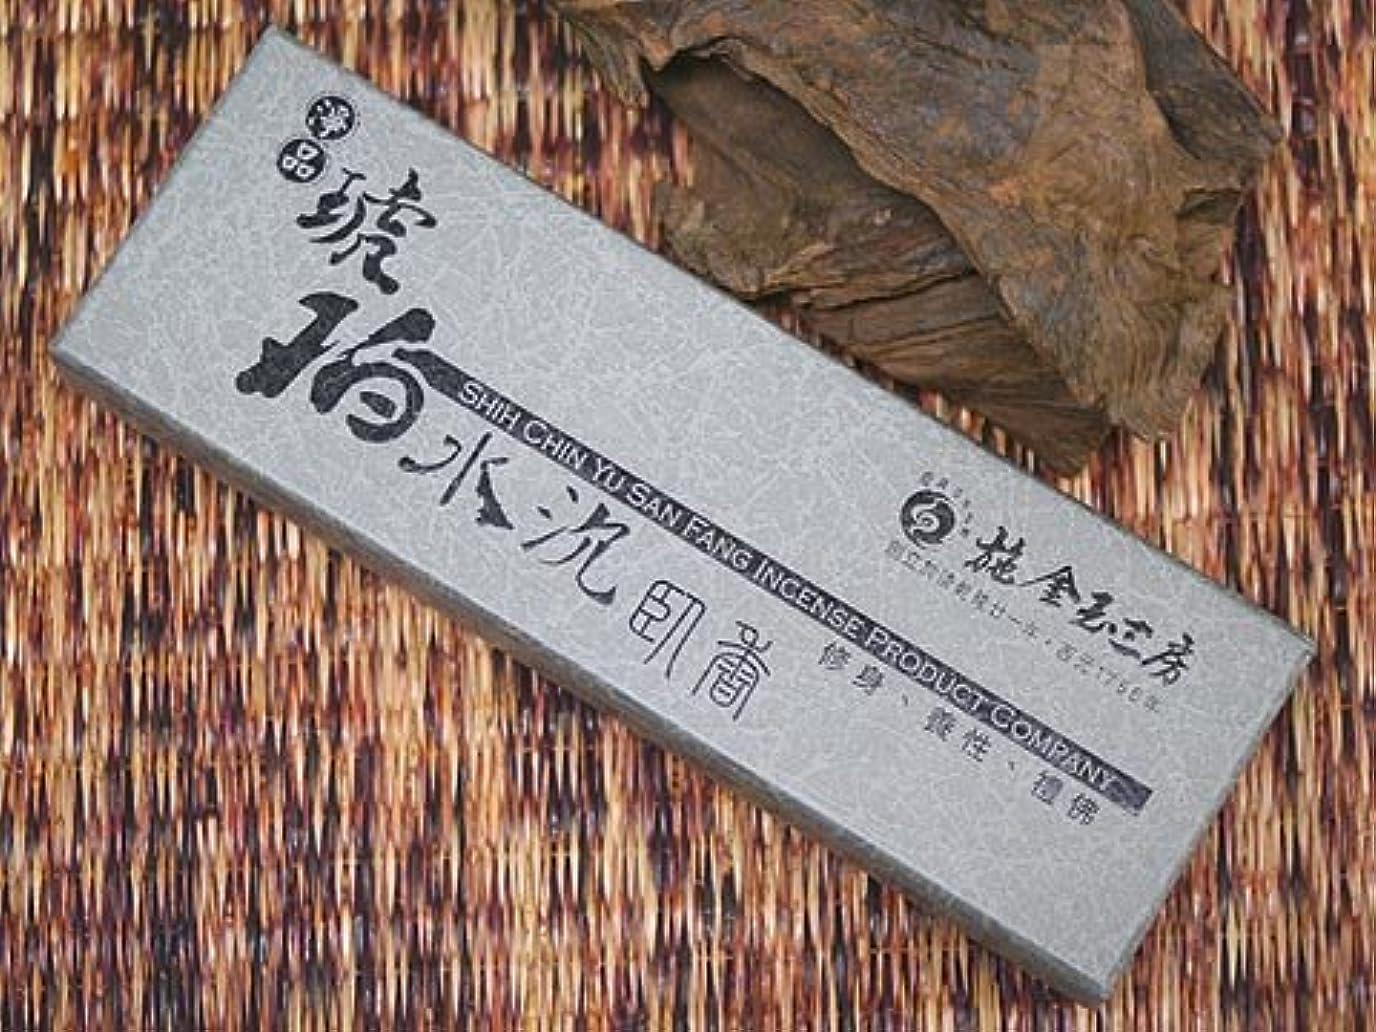 受取人サンドイッチ汚れた施金玉三房 創業1756年台湾鹿港のお香店「施金玉三房」のお香 琥珀水沈香 大容量約320本入りおタイプ